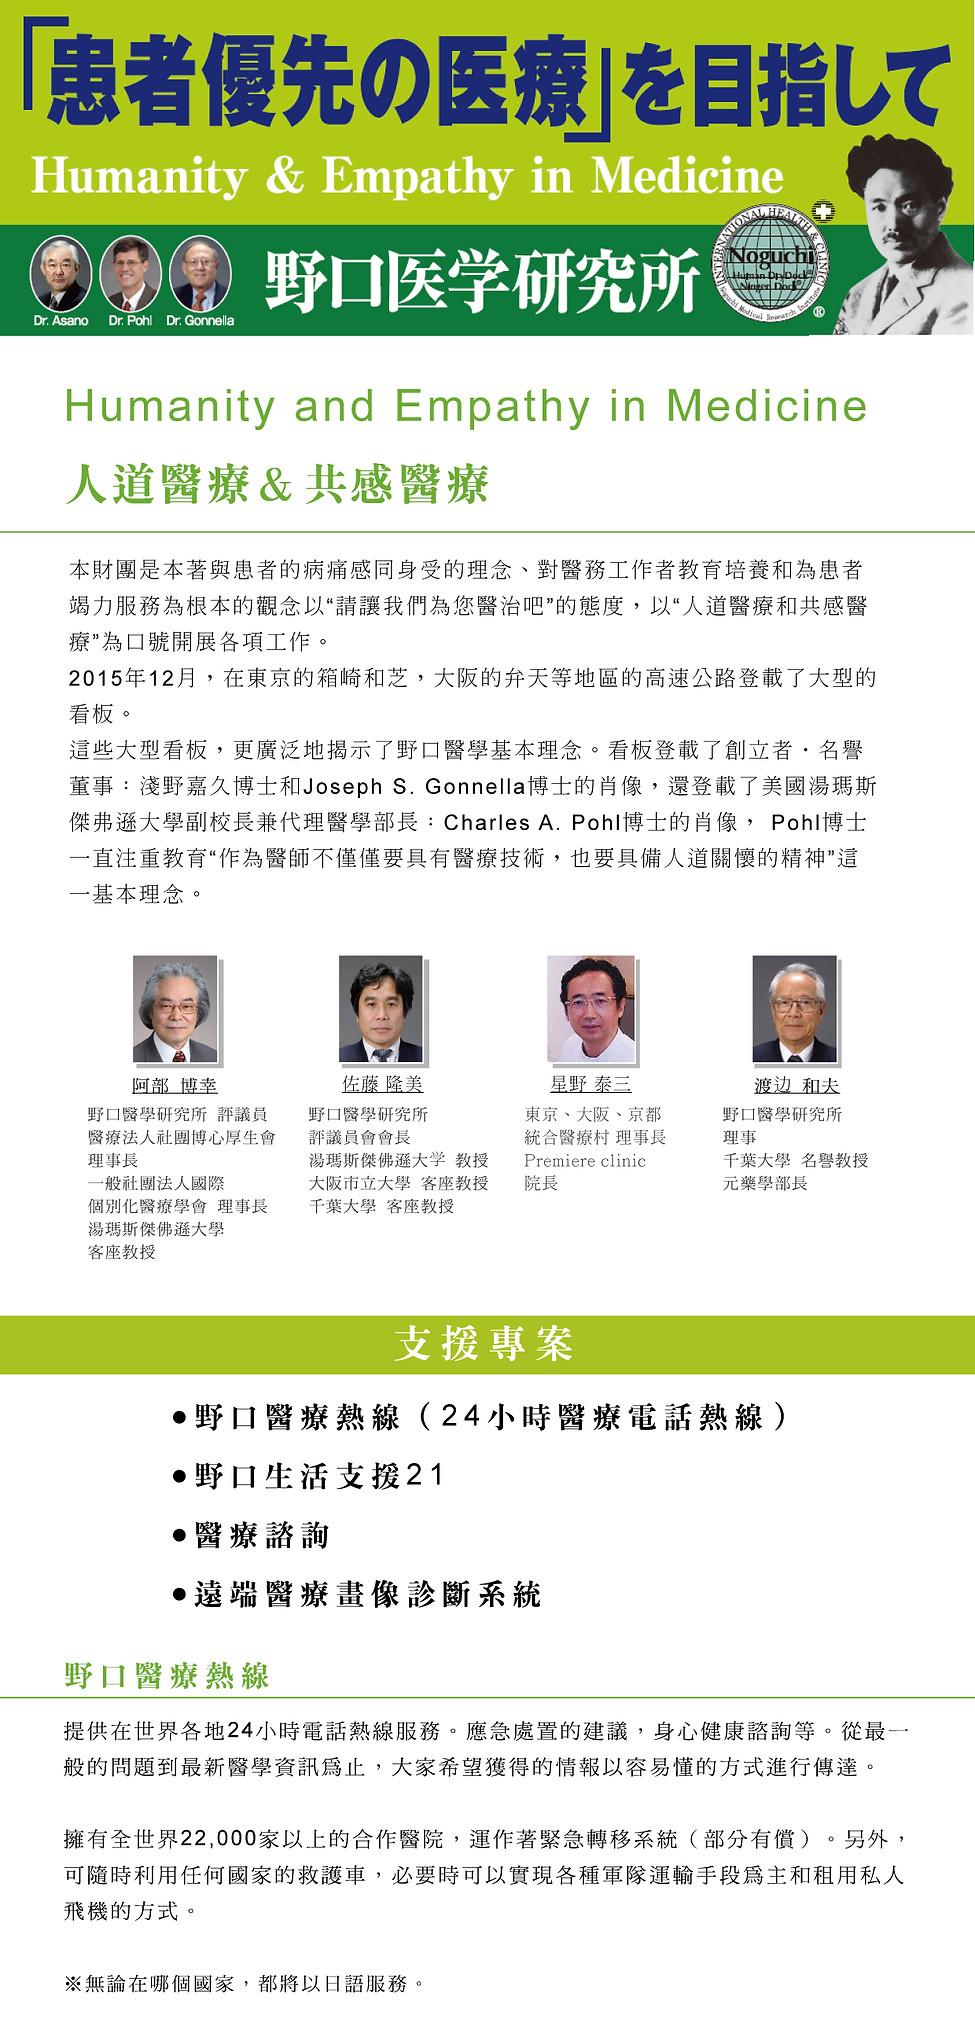 赴日醫療與健檢-01.jpg